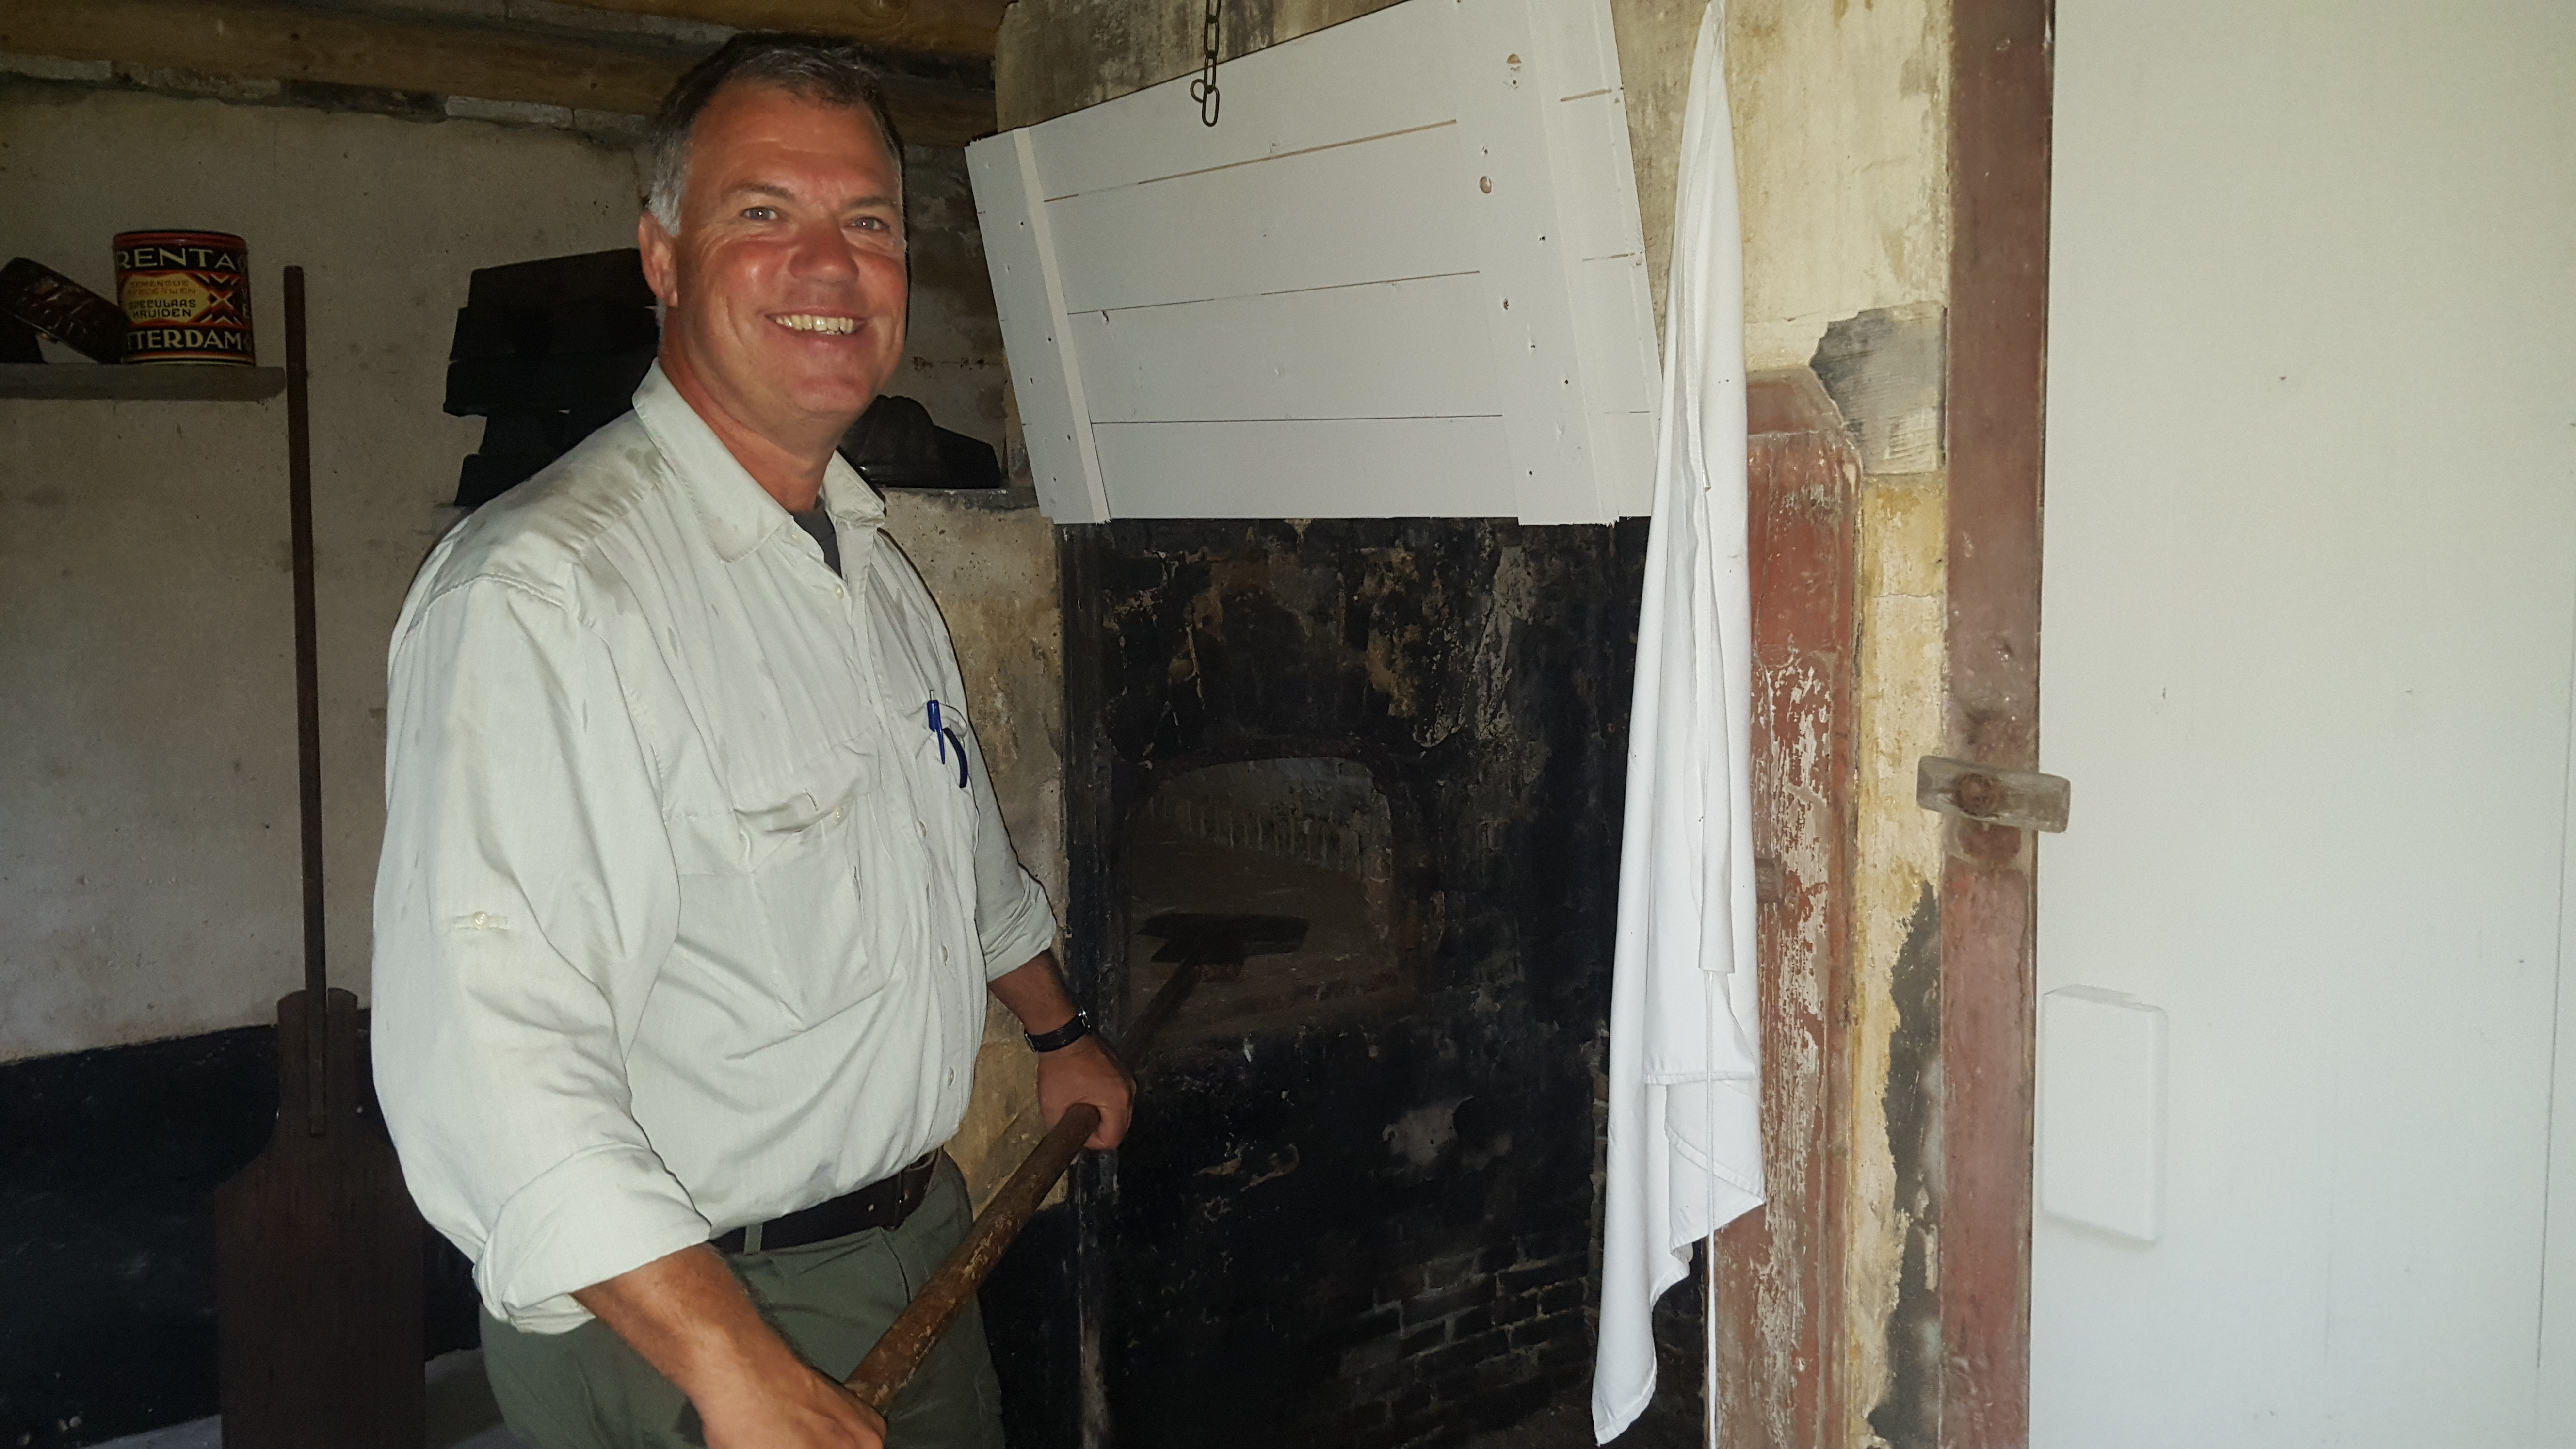 Boswachter Edwin van Egmond voor de bakoven